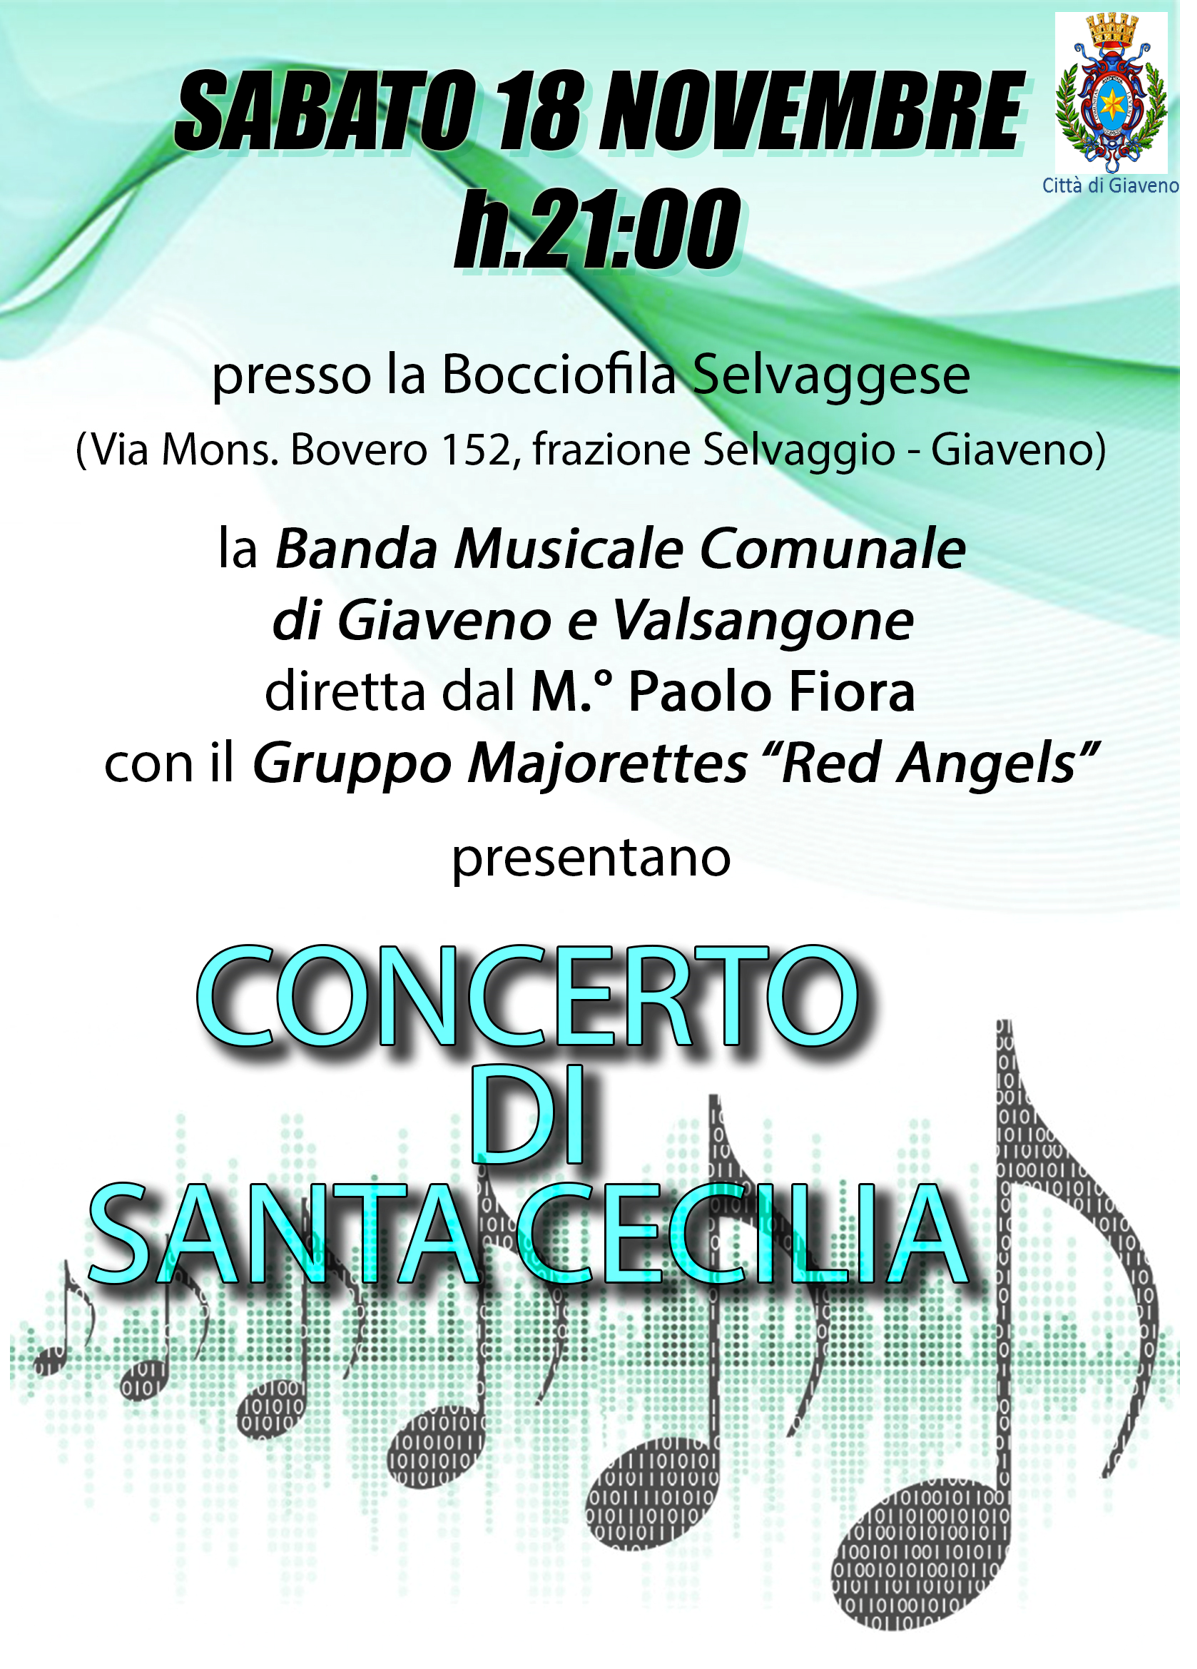 Concerto di Santa Cecilia  della Banda Musicale Comunale Giaveno Val Sangone  – sabato 18 novembre 2017